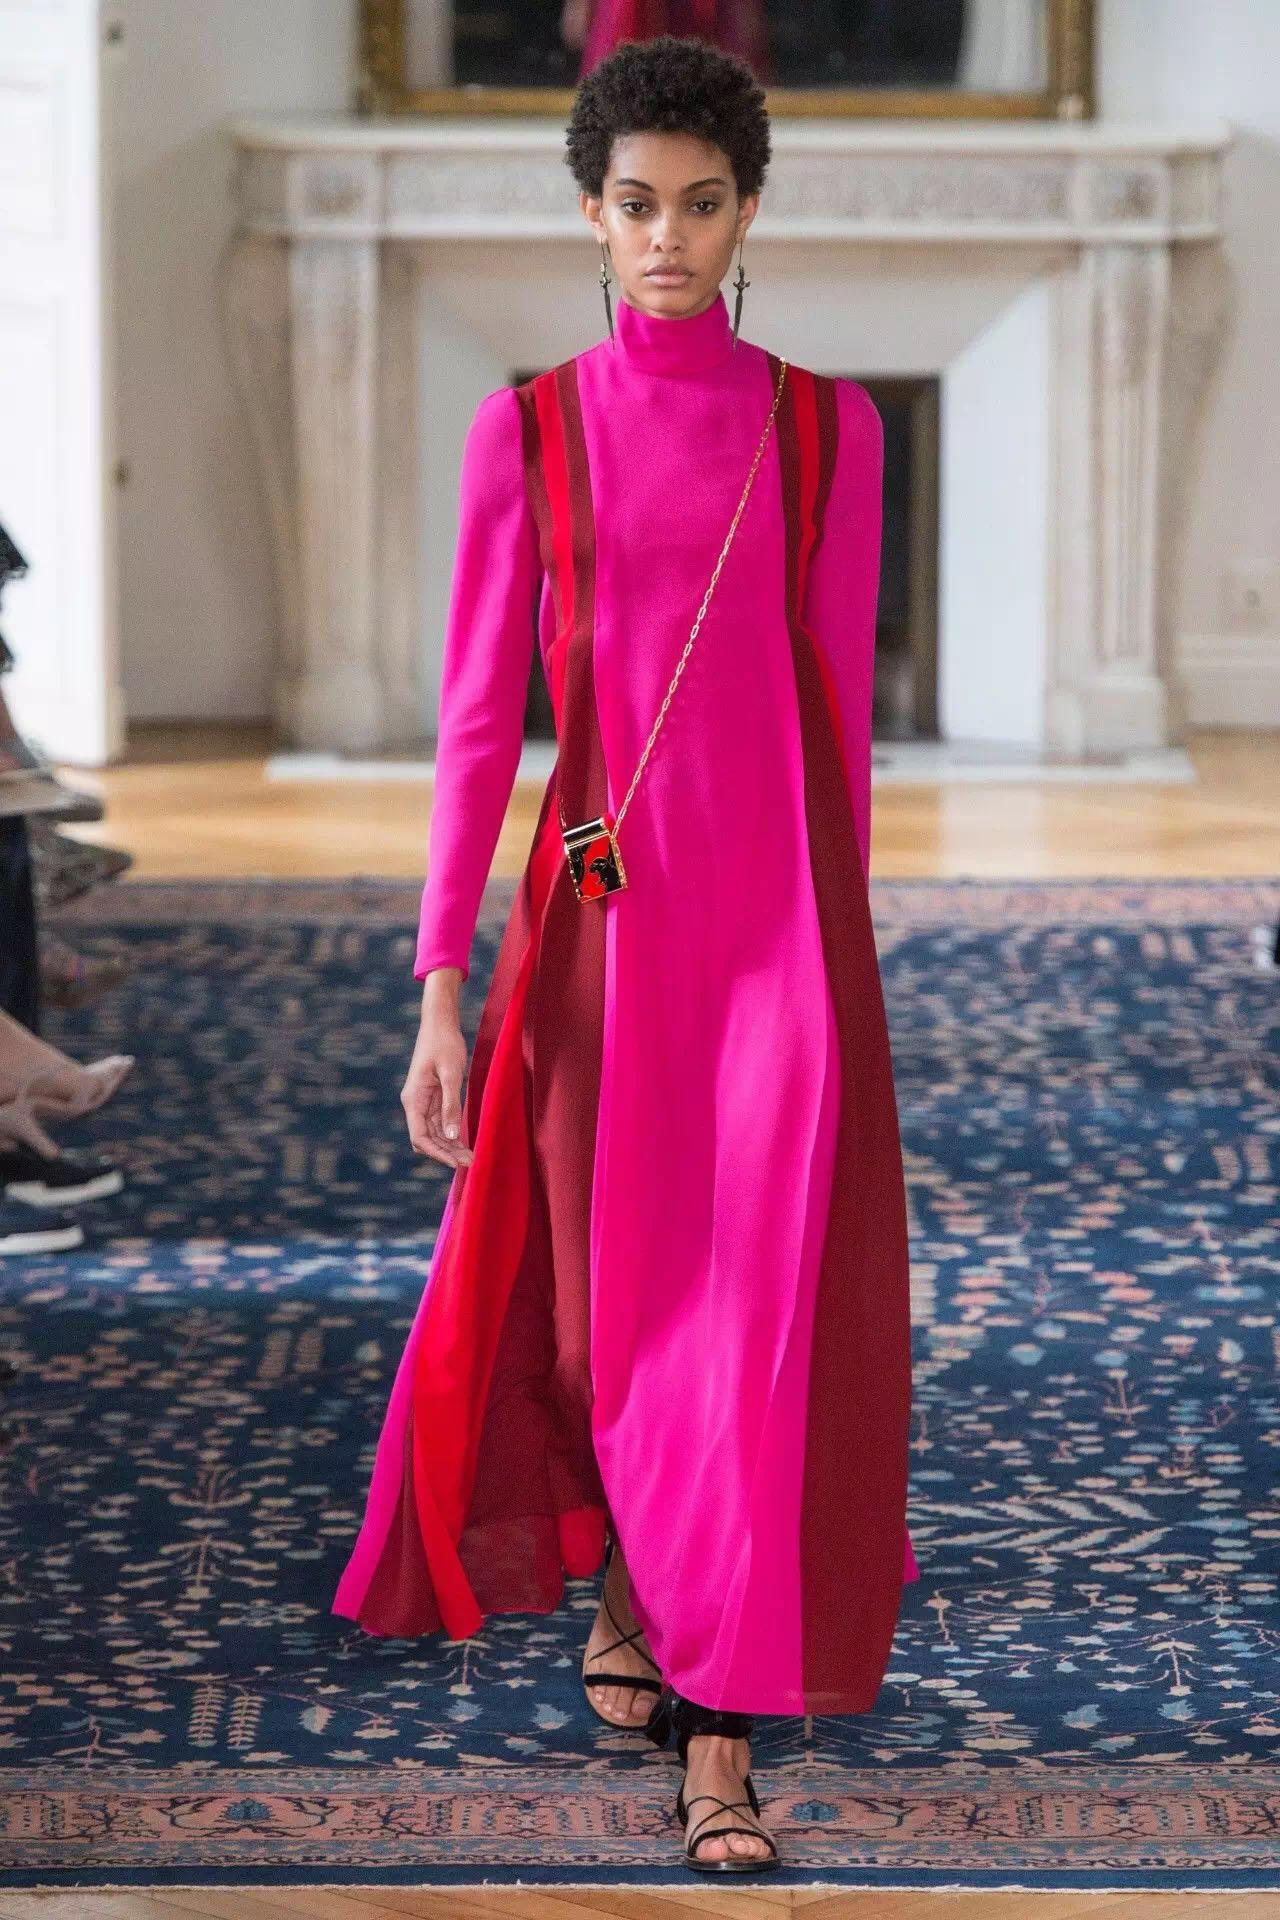 巴黎时装周上的新潮流是这些!为时尚先锋指点一二(图1)